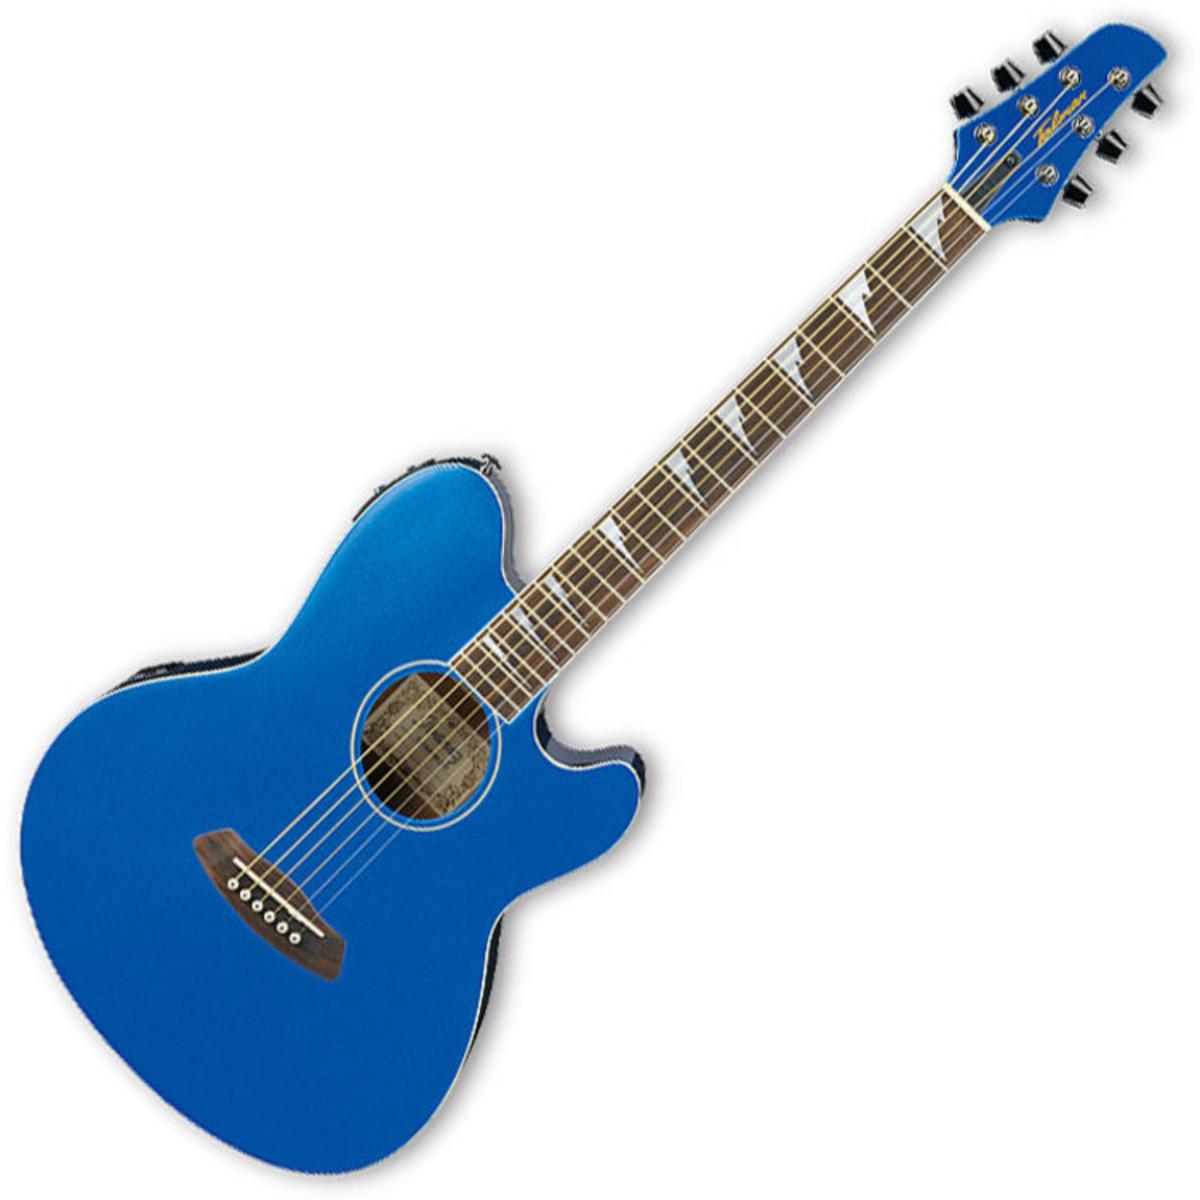 puis ibanez tcy10edx electro acoustique guitare bleu. Black Bedroom Furniture Sets. Home Design Ideas